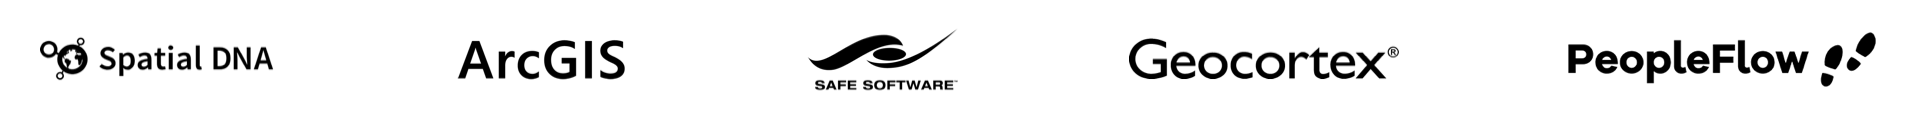 GIS logos